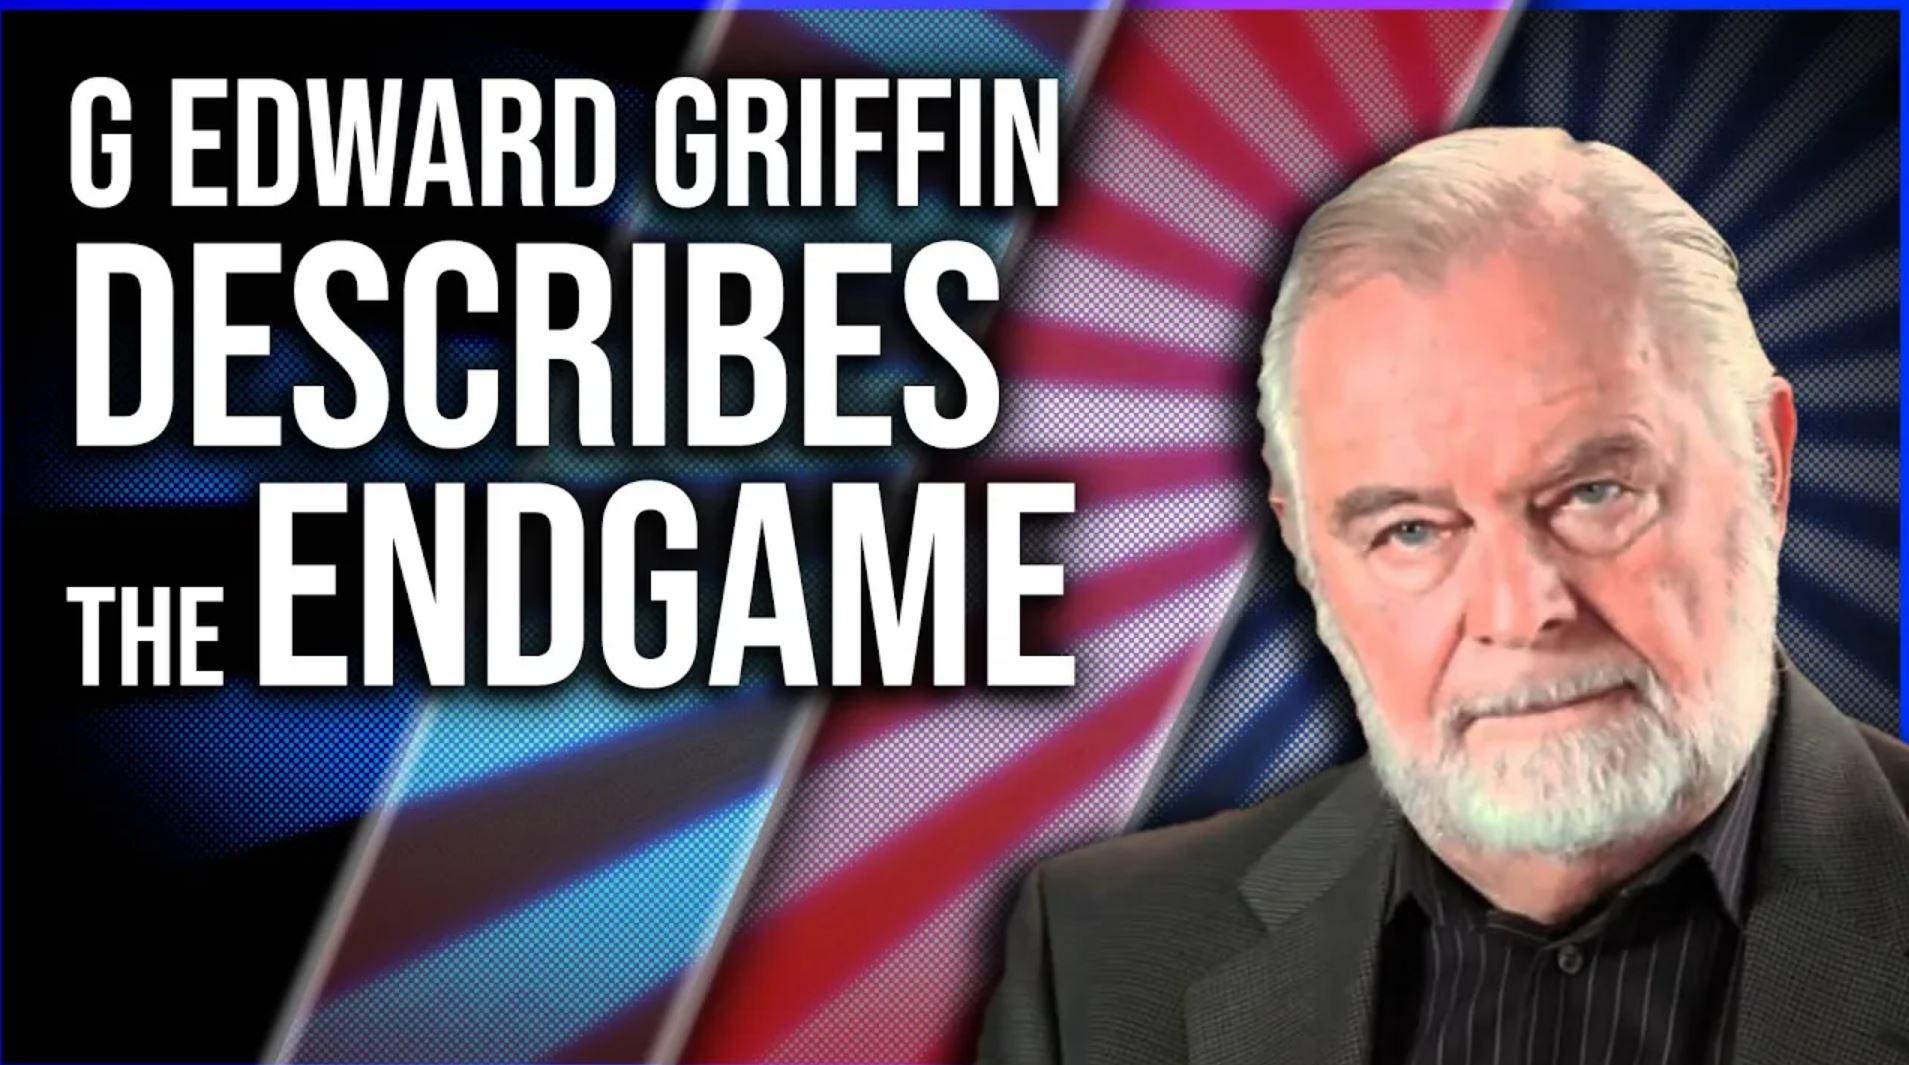 G. Edward Griffin Describes The Endgame